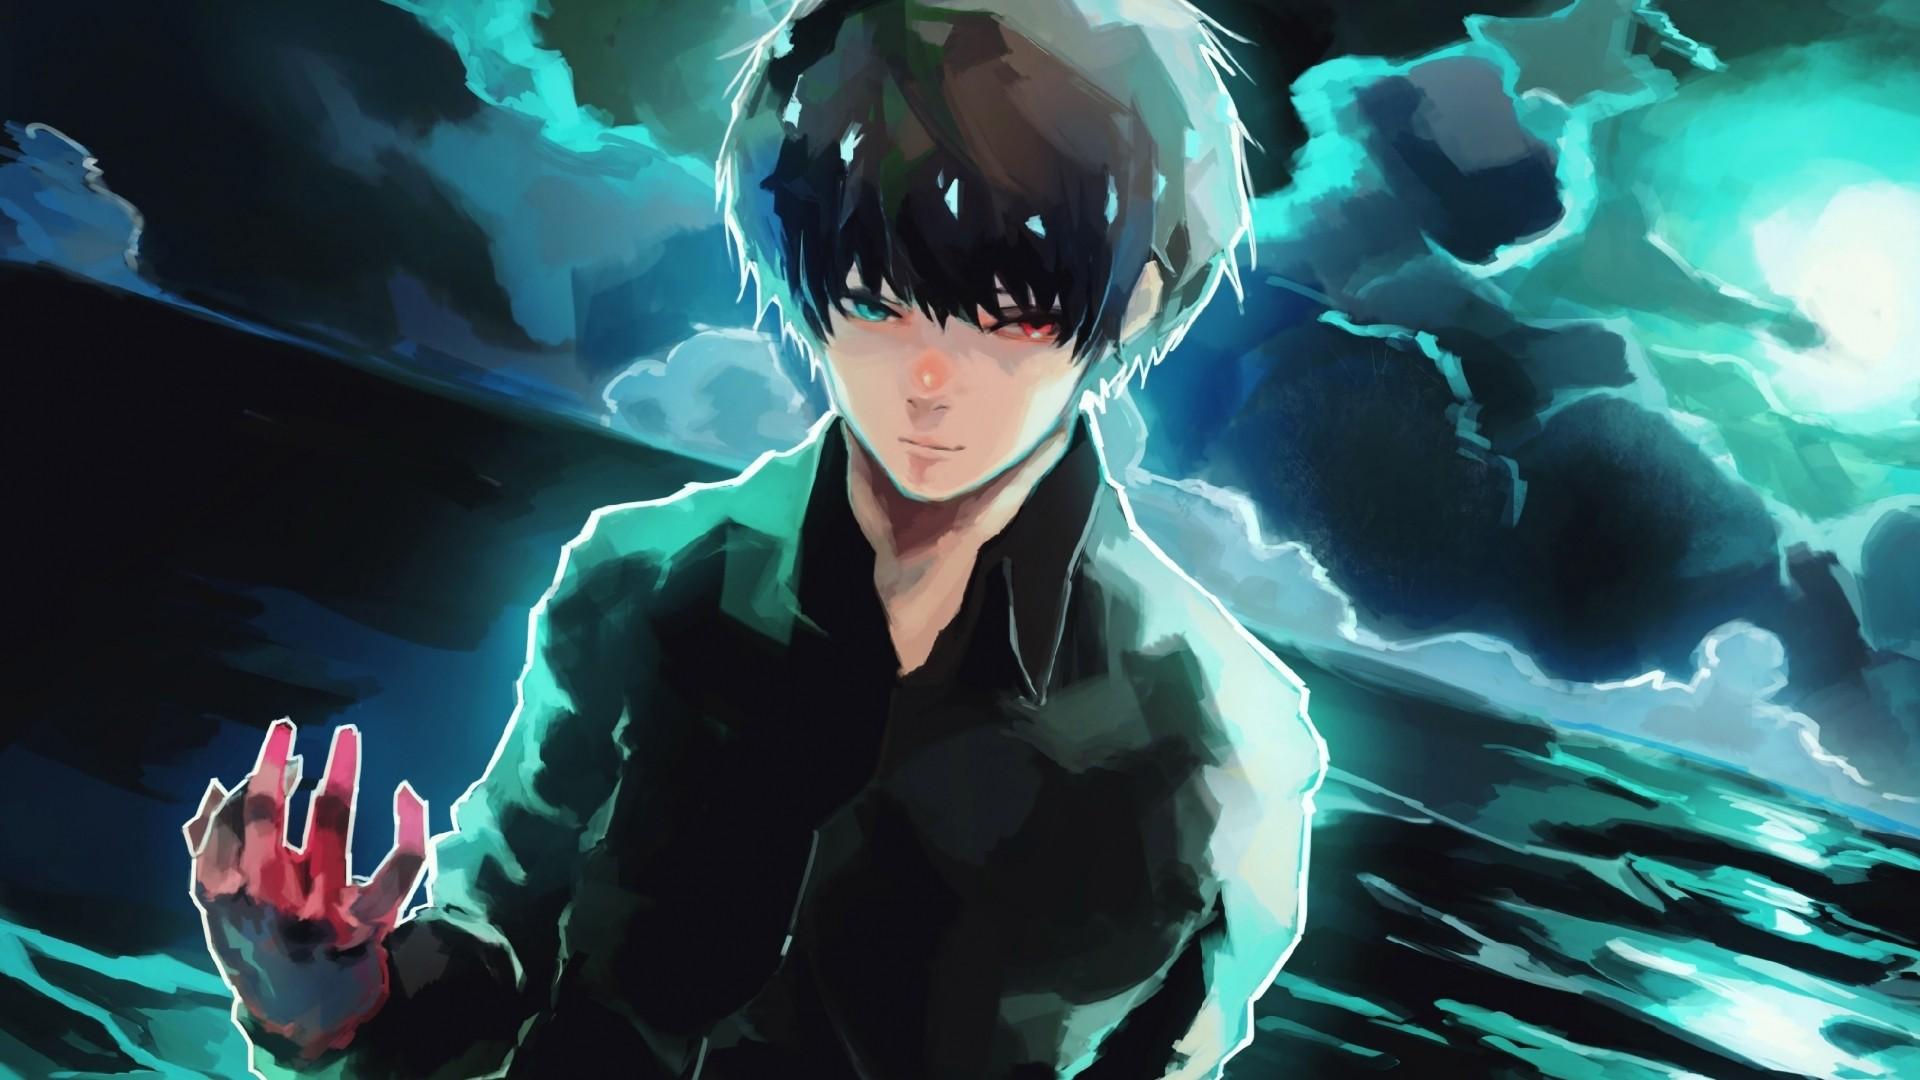 Anime Fanart hd desktop wallpaper